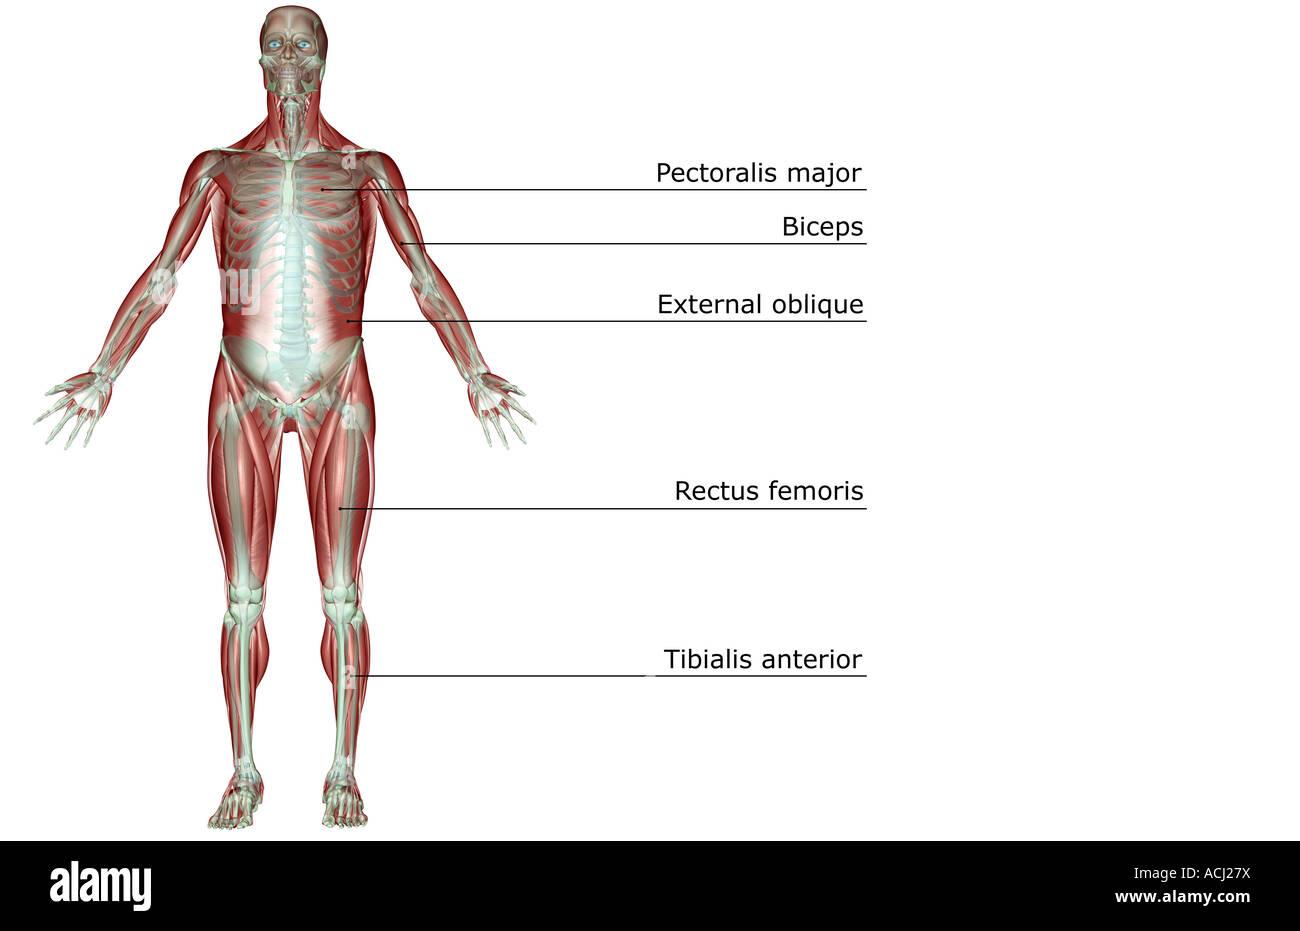 Nett Skelett System Artikel Bilder - Menschliche Anatomie Bilder ...